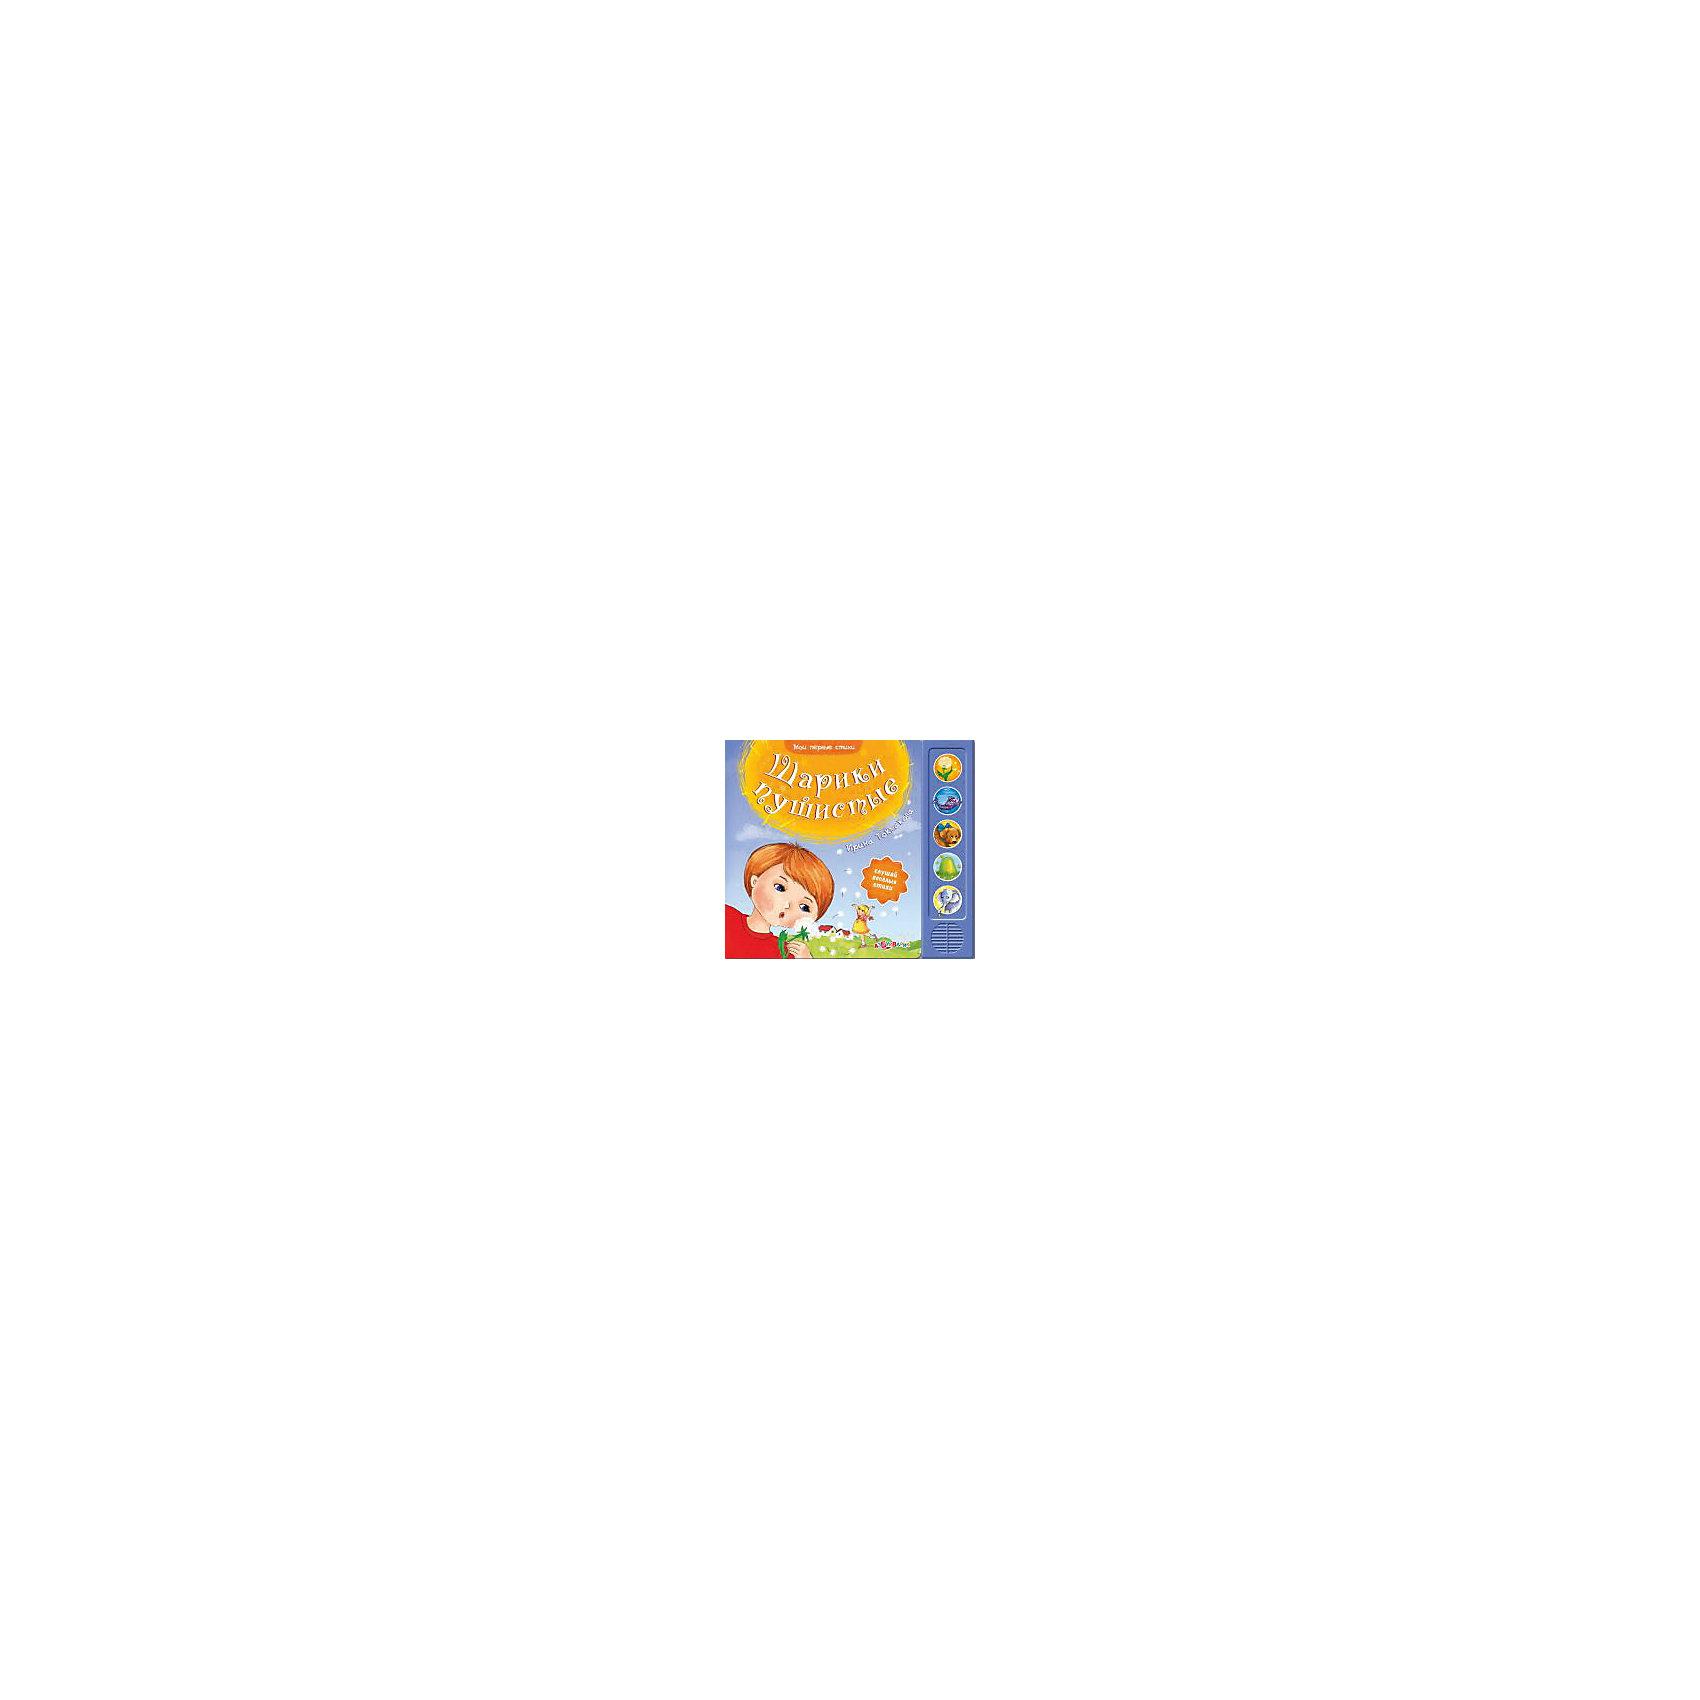 Книга Шарики пушистые Мои первые стихиКнига Шарики пушистые Мои первые стихи - это красочно иллюстрированная книга стихов Ирины Токмаковой со звуковым модулем.<br>Книга Шарики пушистые – это сборник стихотворений известной поэтессы Ирины Токмаковой в сопровождении ярких иллюстраций. Окружающий мир в стихах Ирины Токмаковой - волшебный: семена одуванчиков похожи на парашюты, у летнего луга есть своя прическа, в переулке ходит слон, а зайки поливают огород. В сборник вошли 9 стихов, 5 из которых можно прослушать. Картинка-подсказка на странице Нажми и слушай укажет, какую кнопку следует нажать, чтобы услышать стихотворение. При повторном нажатии чтение прекращается. Книга способствует развитию слухового восприятия, внимания и памяти.<br><br>Дополнительная информация:<br><br>- Содержание: Парашютисты; Кораблик; Где спит рыбка?; Ай да суп!; Подарили собаку; Сенокос; Аист; Сонный слон; Баиньки<br>- Автор: Ирина Токмакова<br>- Иллюстратор: Оксана Мацькович<br>- Издательство: Азбукварик Групп<br>- Серия: Мои первые стихи<br>- Тип обложки: картон<br>- Оформление: со звуковым модулем<br>- Количество страниц: 10 (картон)<br>- Иллюстрации: цветные<br>- Батарейки: 3 типа L1154 (в комплекте демонстрационные)<br>- Размер: 215х10х190 мм.<br>- Вес: 310 гр.<br><br>Книгу Шарики пушистые Мои первые стихи можно купить в нашем интернет-магазине.<br><br>Ширина мм: 215<br>Глубина мм: 10<br>Высота мм: 190<br>Вес г: 310<br>Возраст от месяцев: 12<br>Возраст до месяцев: 36<br>Пол: Унисекс<br>Возраст: Детский<br>SKU: 4663817